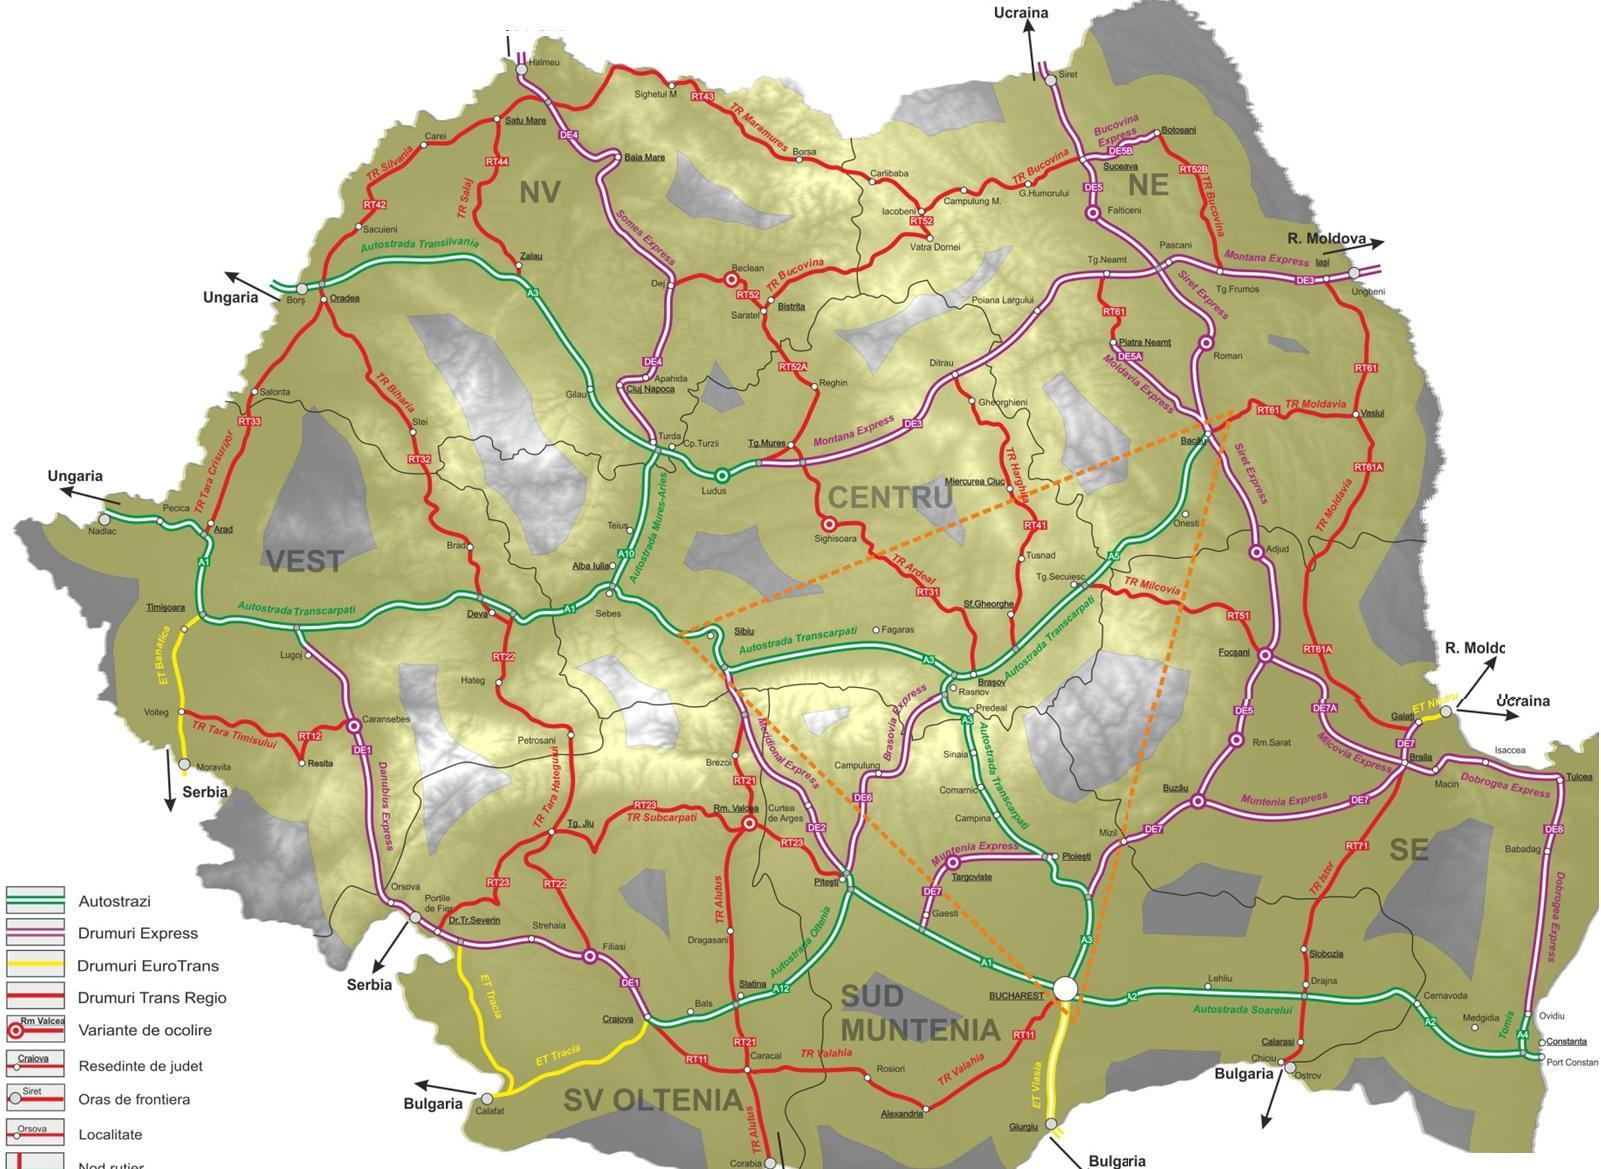 Master Planul De Transporturi Noua Hartă A Guvernului